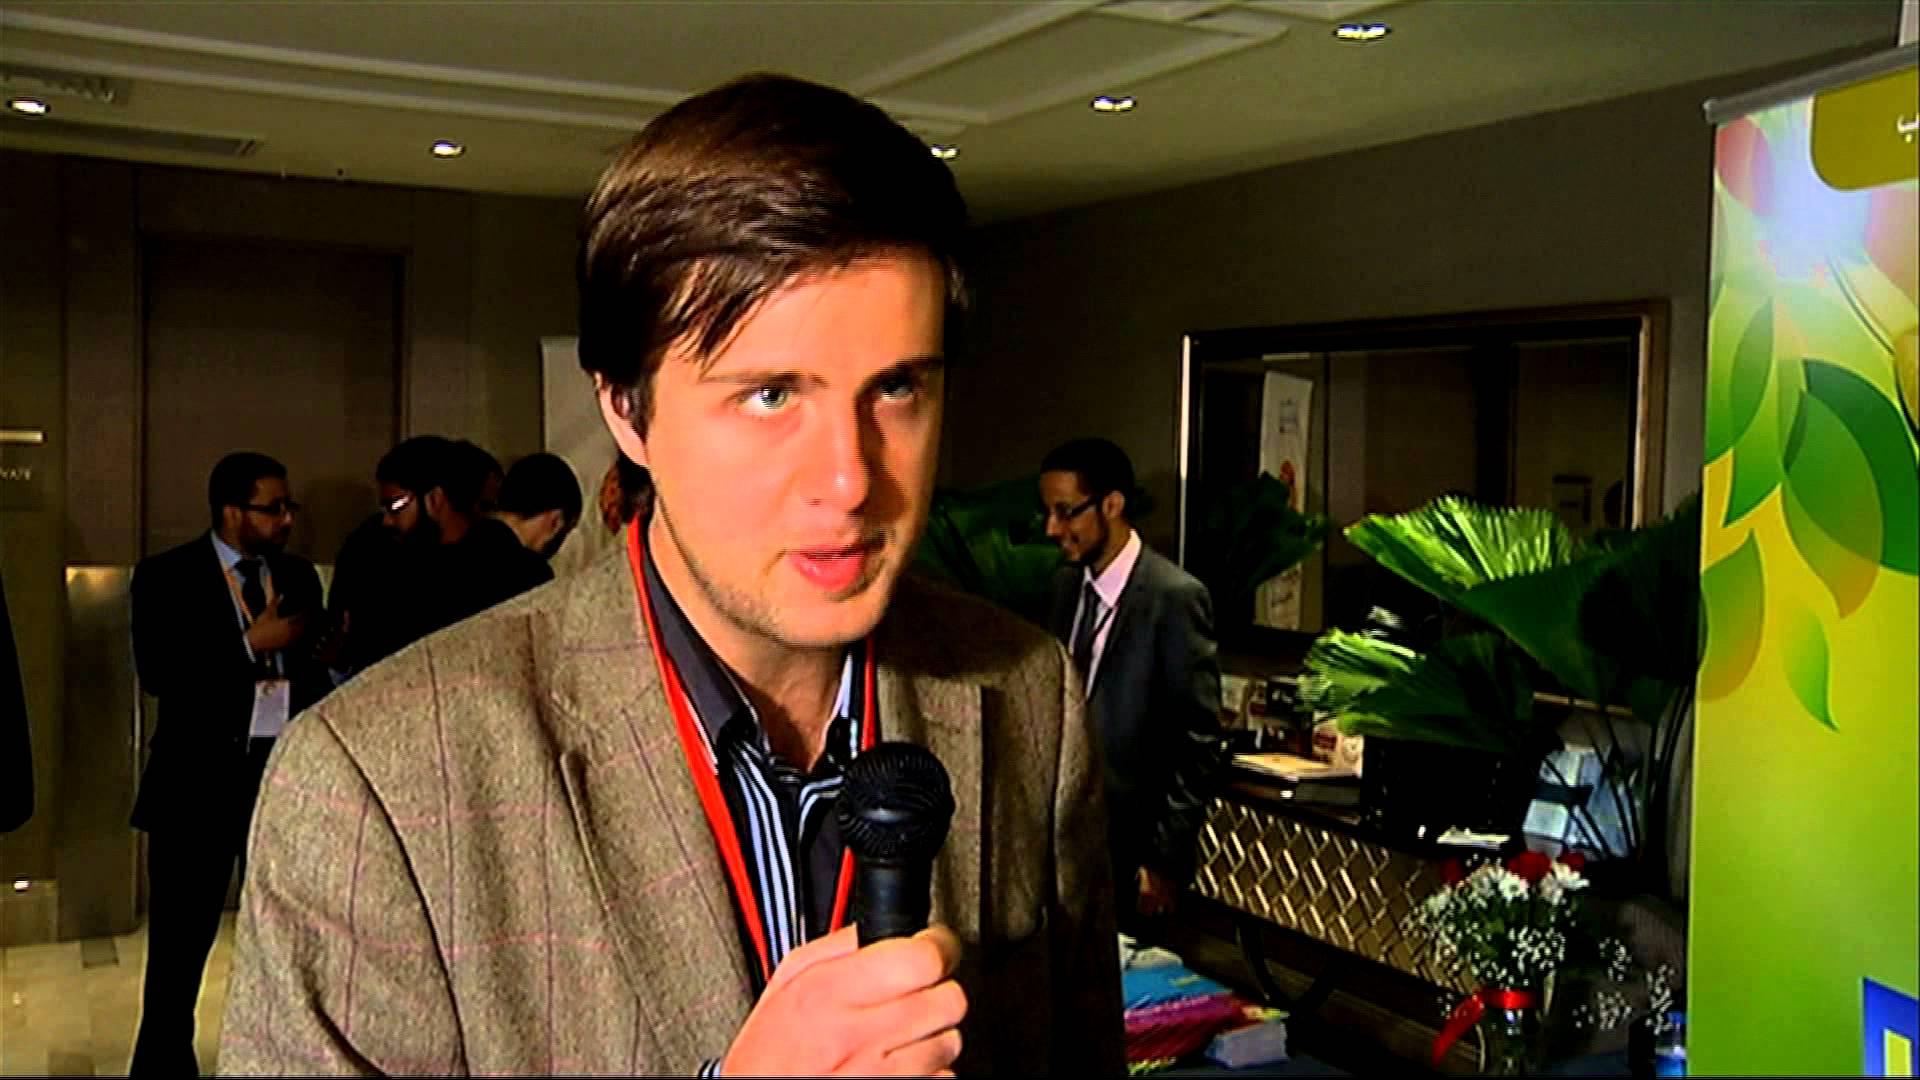 قالوا عن المؤتمر – ذ. ميخائيلو يعقوبوفيتش